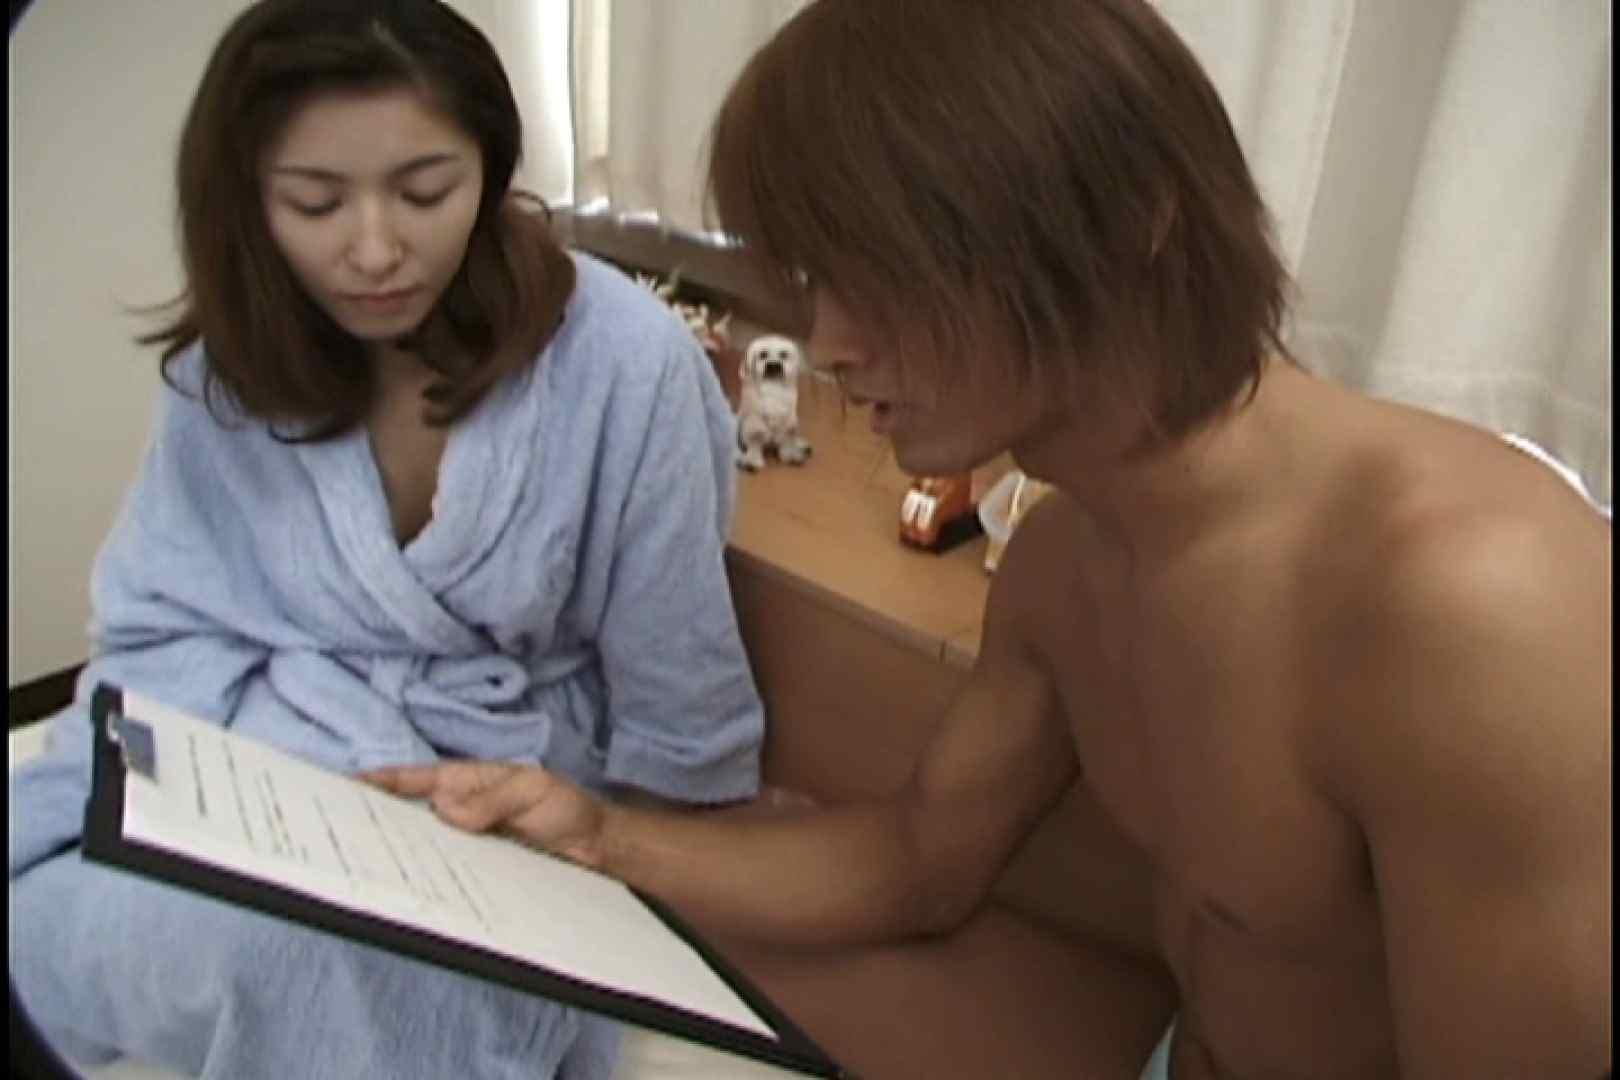 昼間の奥様は欲求不満 ~安田弘美~ SEXプレイ  73連発 39